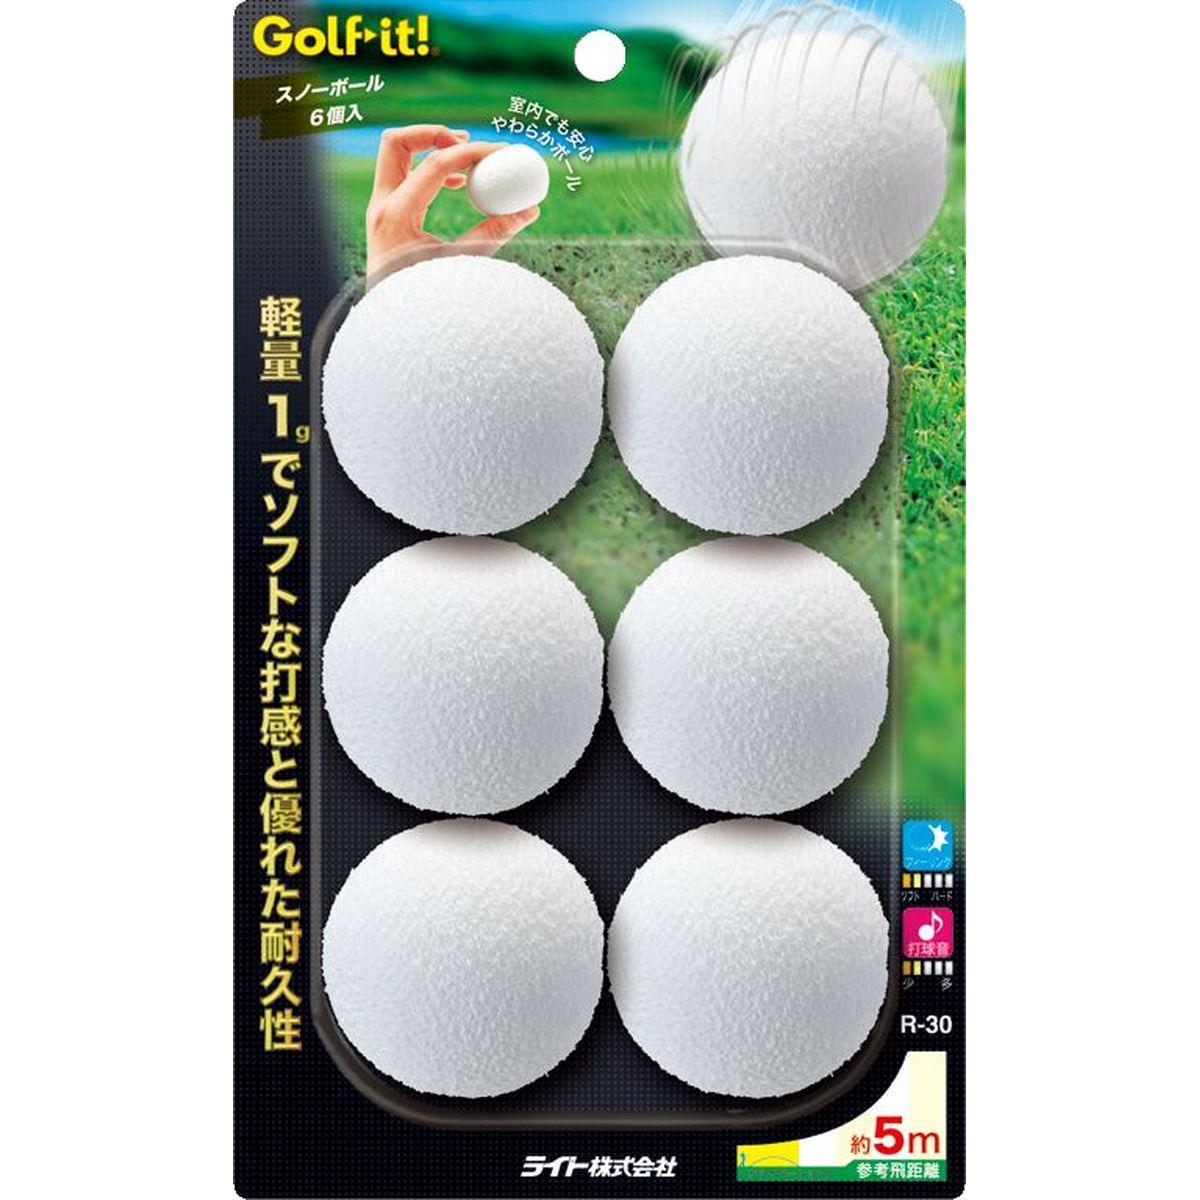 【ポイント8倍】ライト ■スノーボール(6個入り) R-30